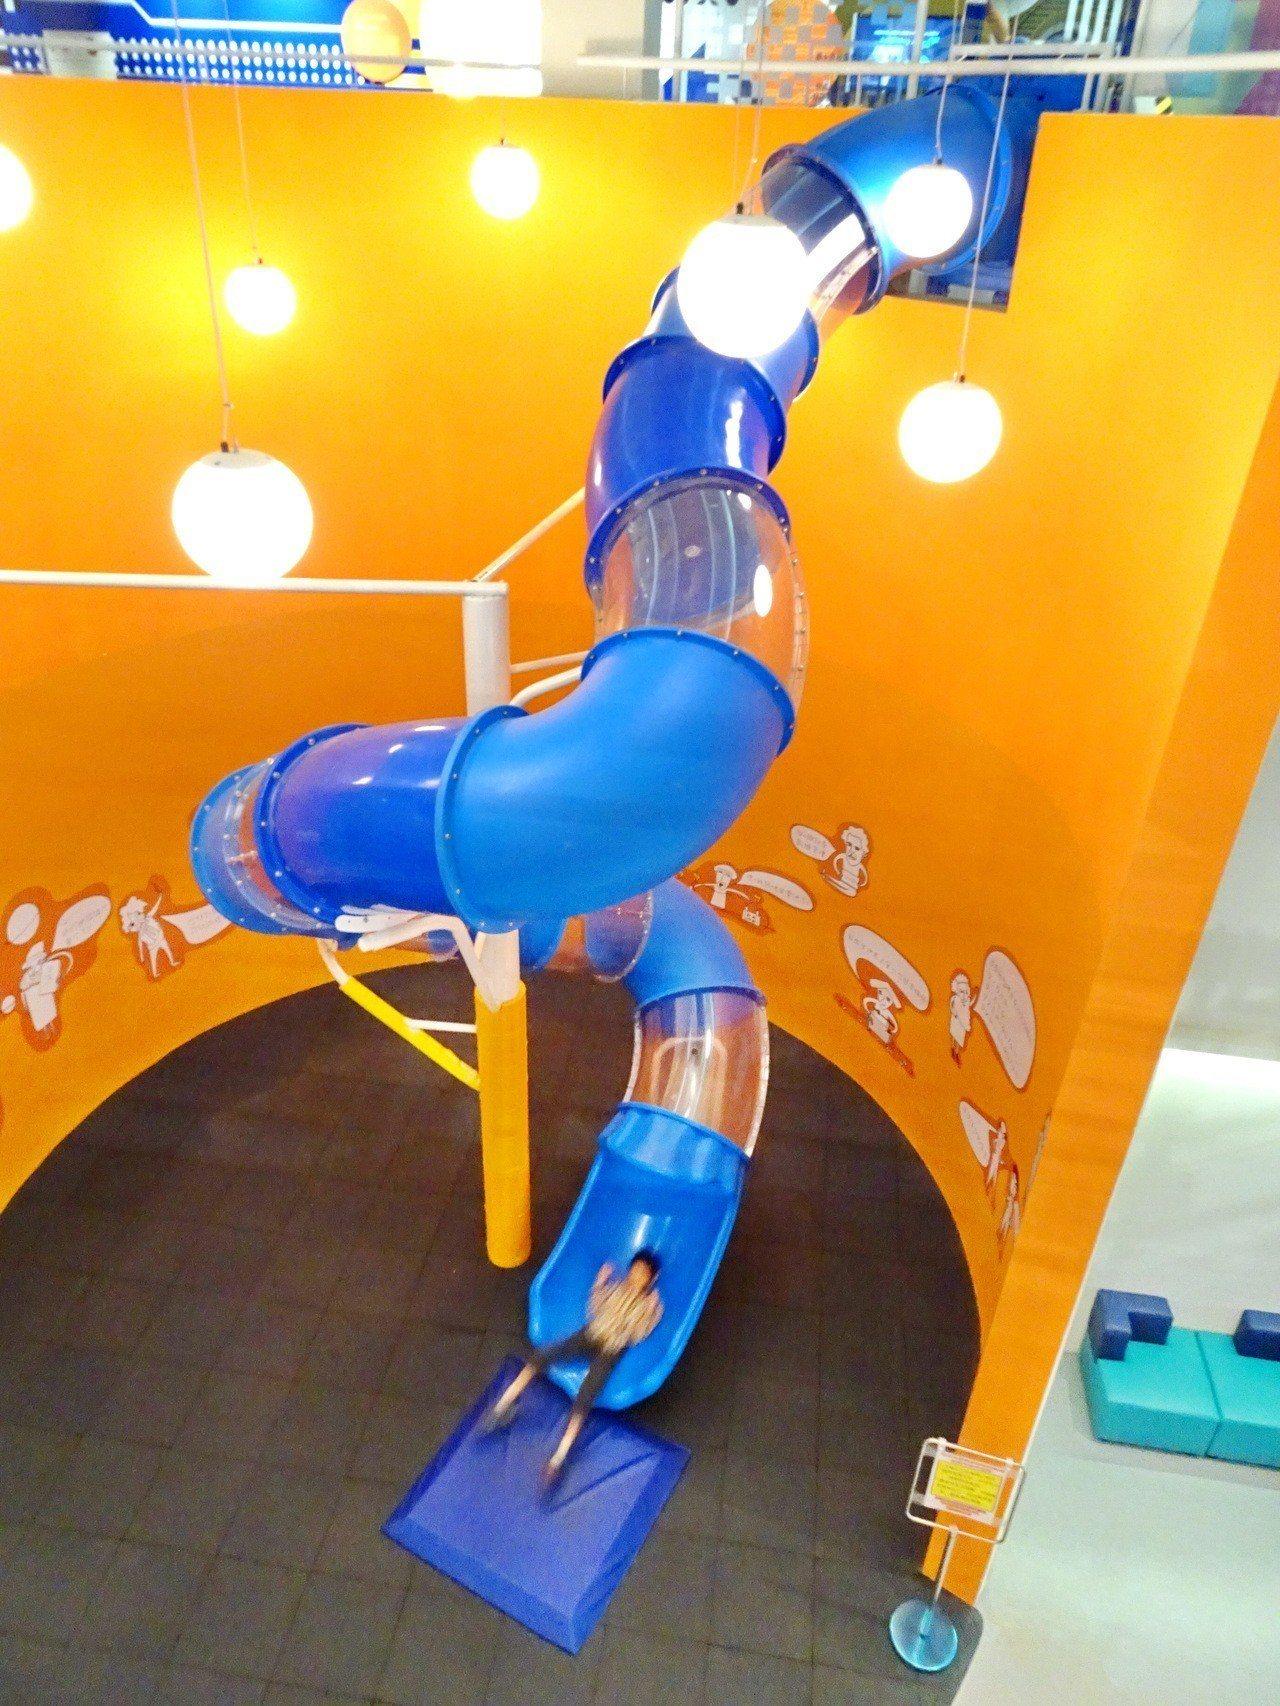 台電南部展示館新設2樓高、象徵核能反應爐的「電力」溜滑梯,橘色弧形牆代表反應爐水...